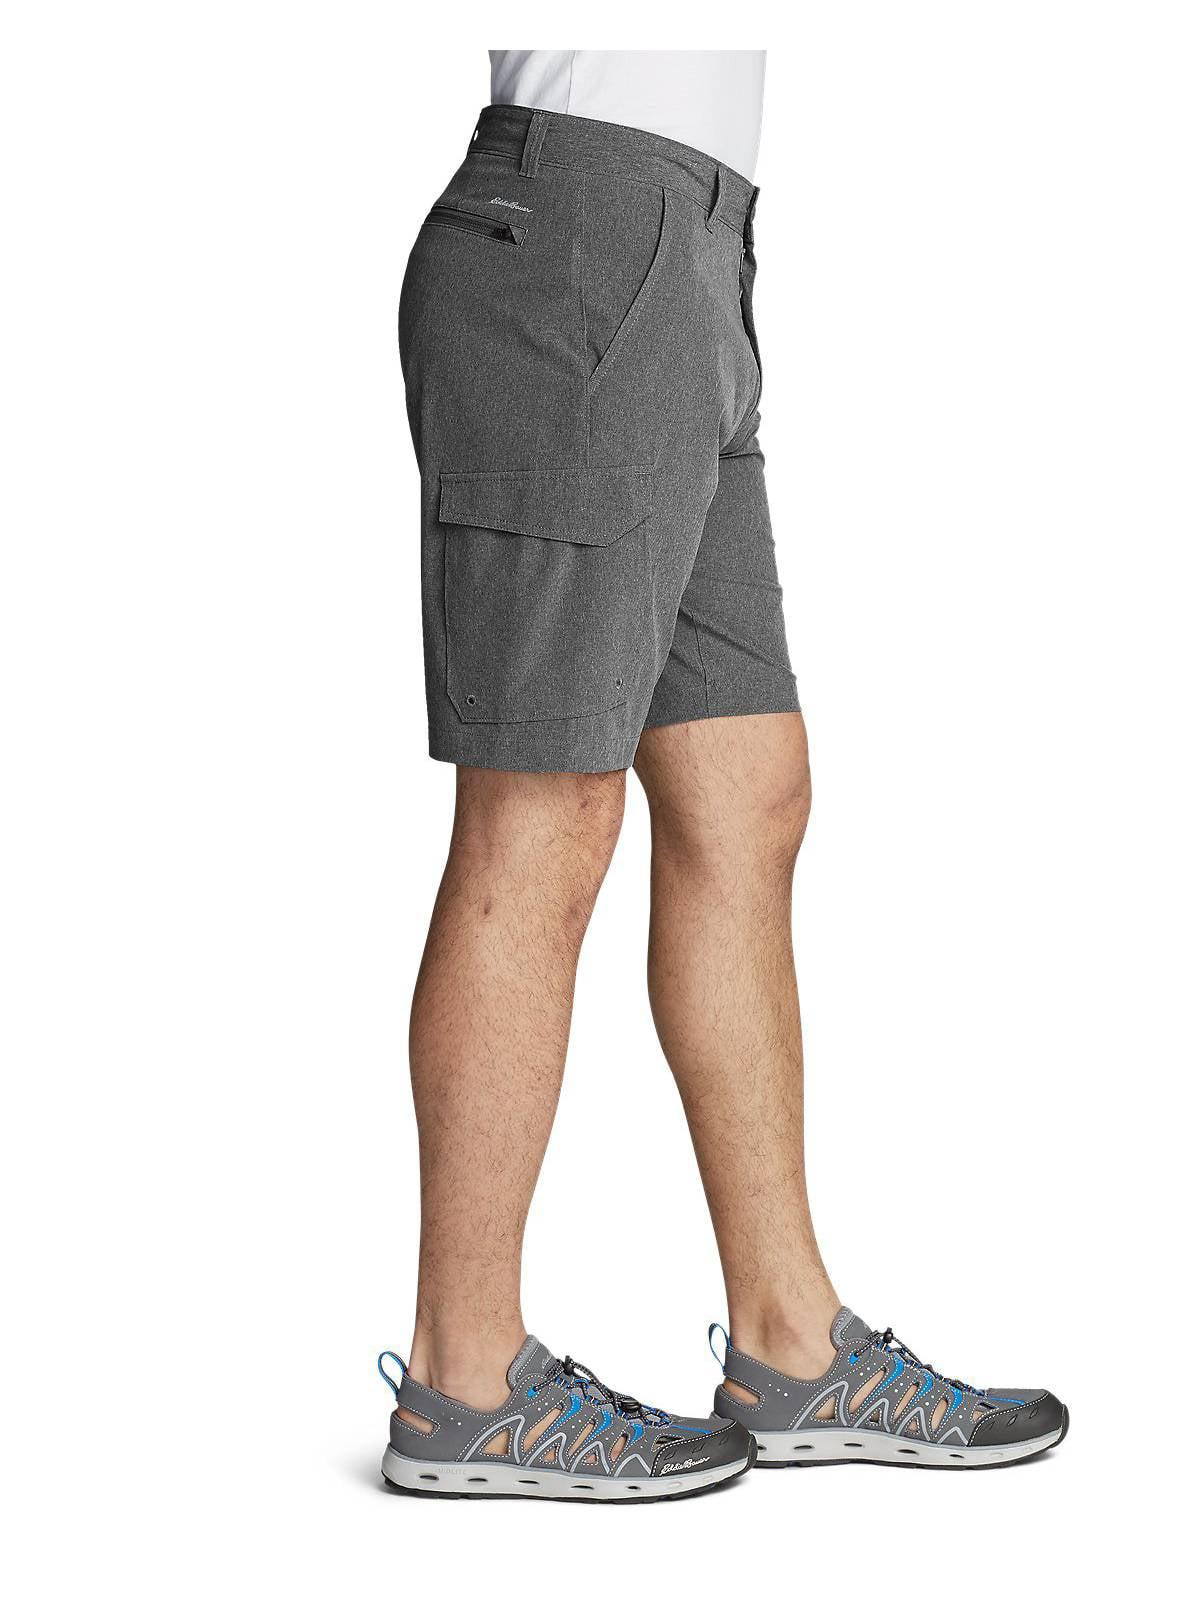 8fbda15d8e Eddie Bauer - Eddie Bauer Men's Amphib Cargo Shorts - Walmart.com